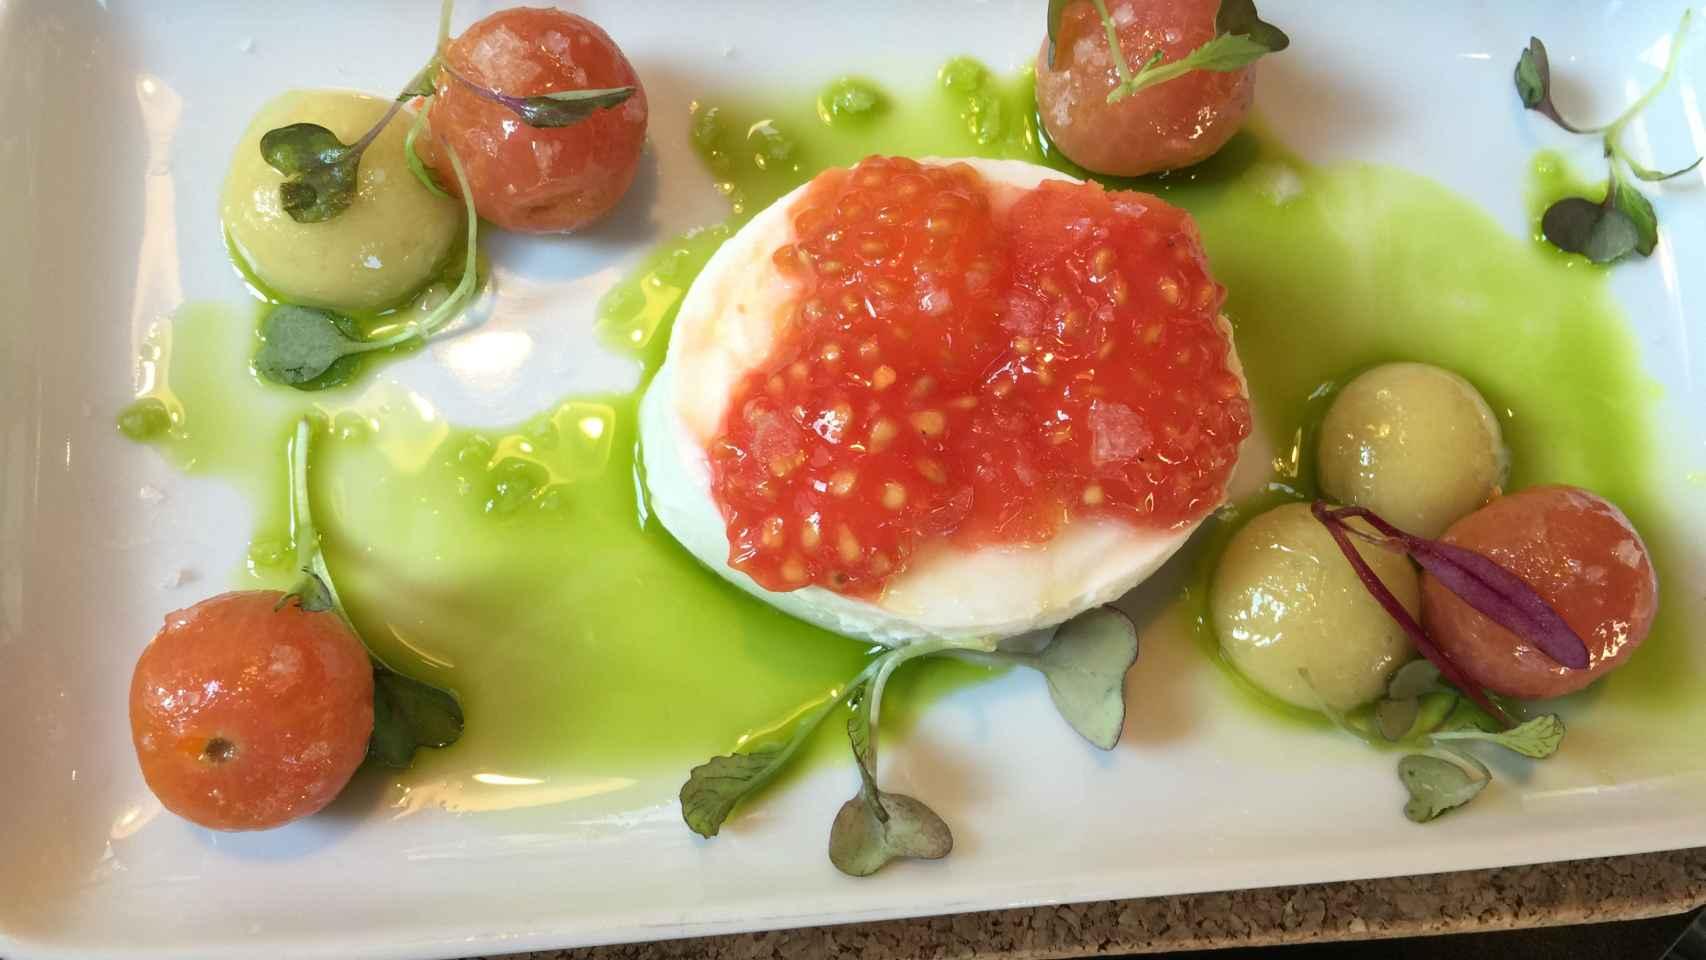 Ensalada de tomate con esferas de mozzarella y Oliva.